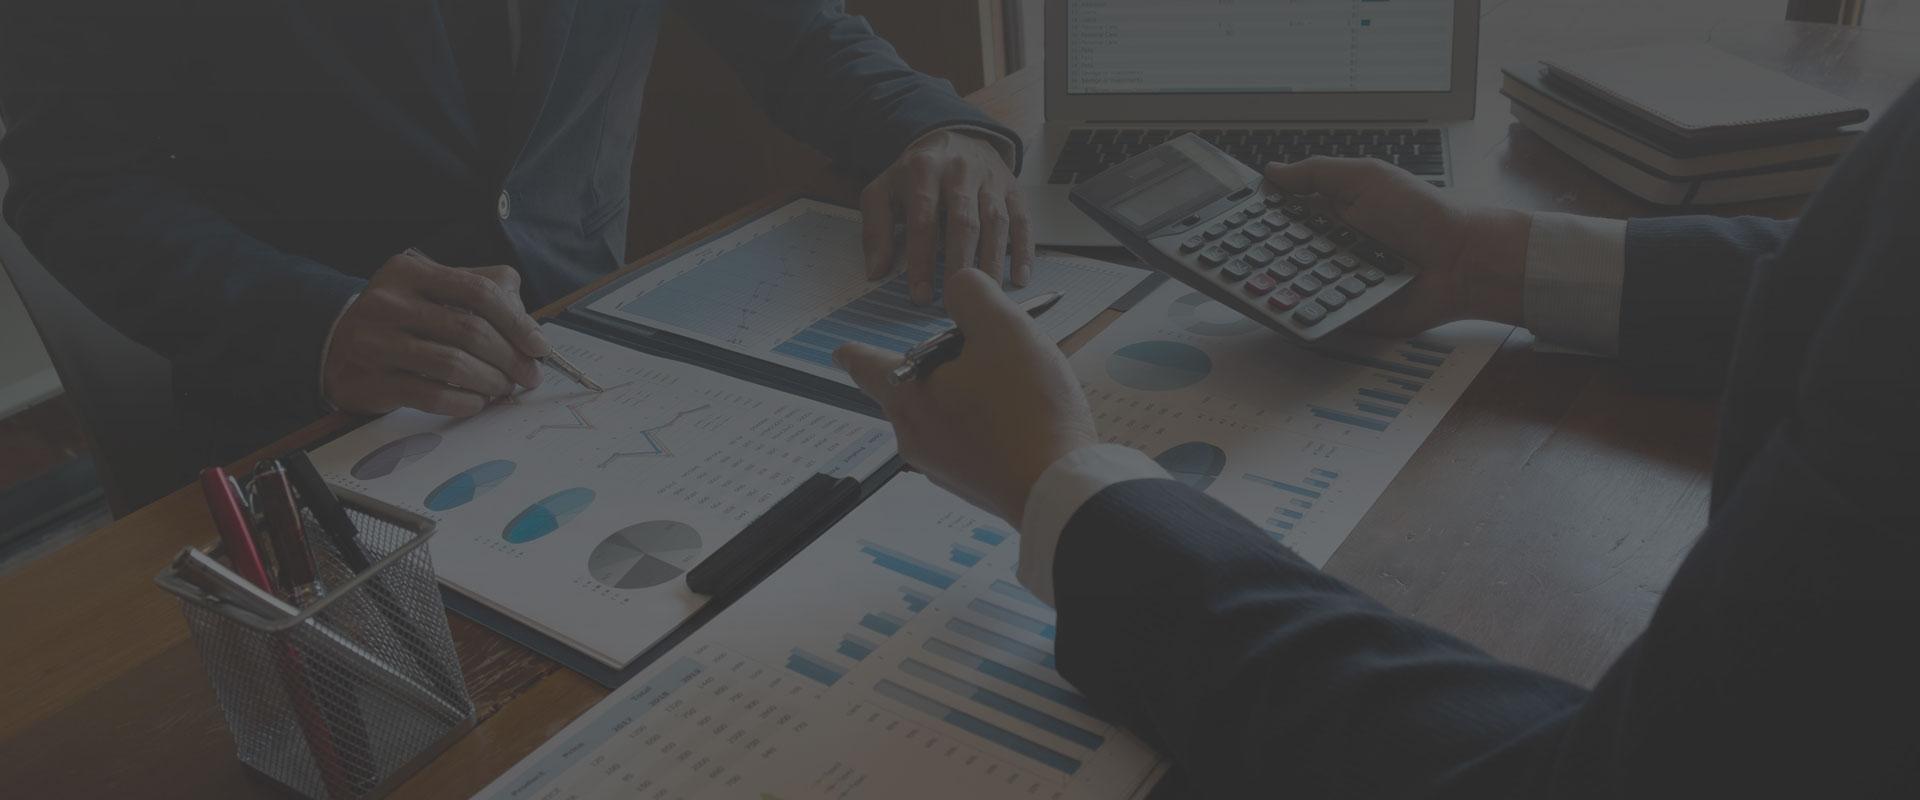 Les rôles d'audit et de conseil de l'expert-comptable